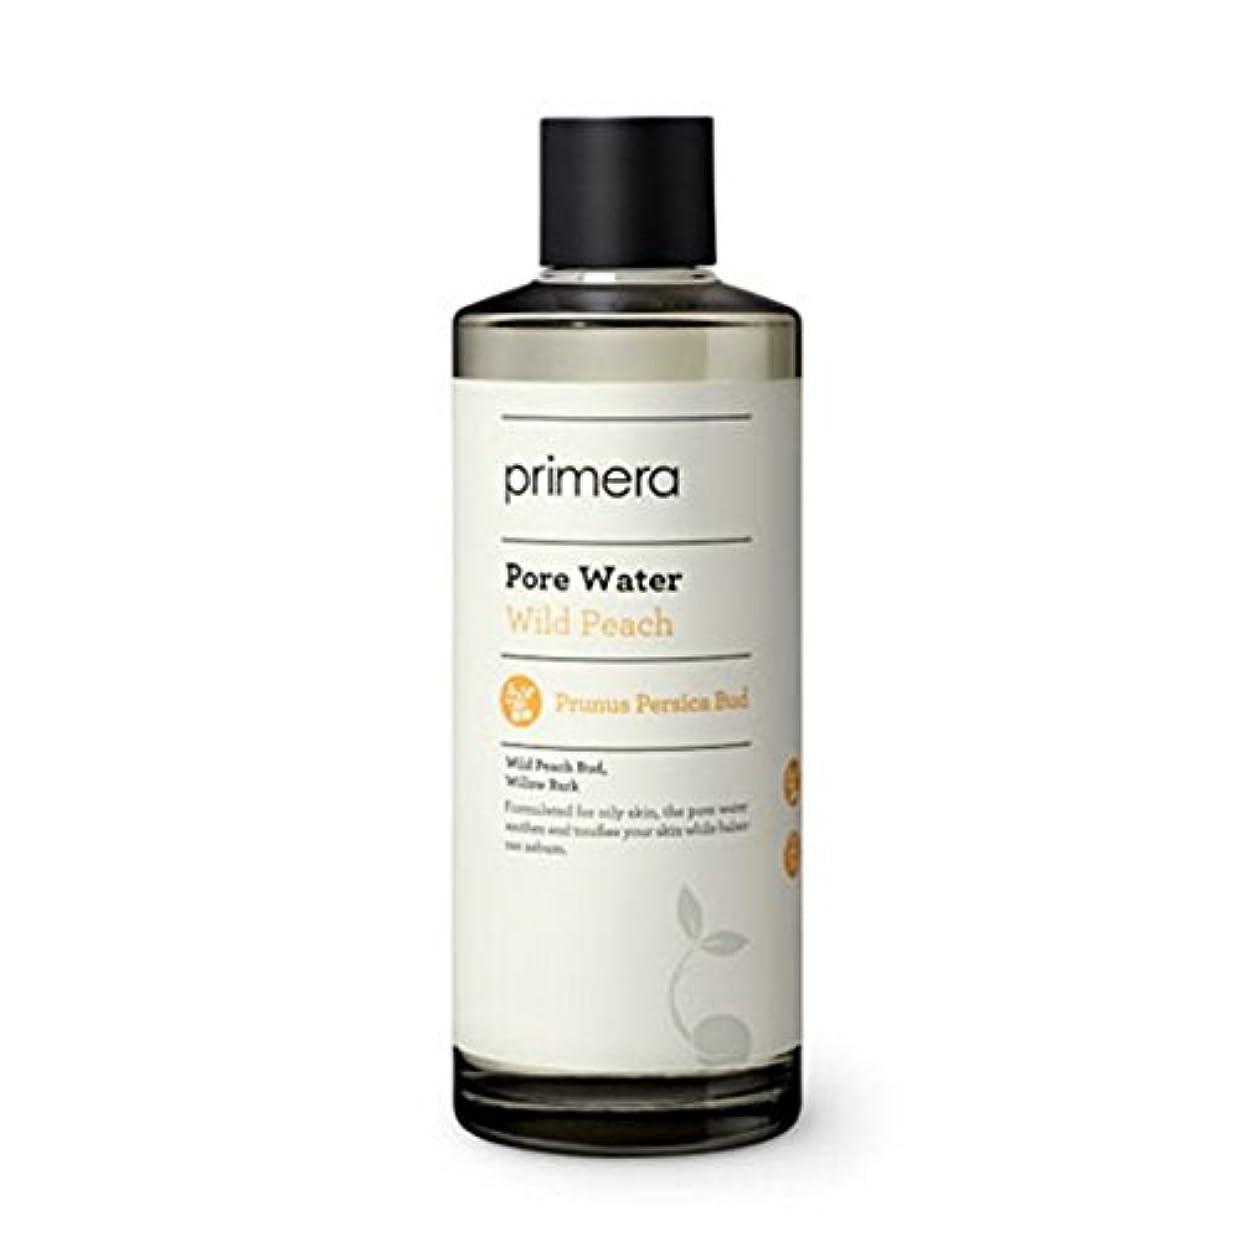 限定解任枝【プリメーラ】 PRIMERA Wild Peach Pore Water ワイルドピッチフォアウォーター 【韓国直送品】 OOPSPANDA